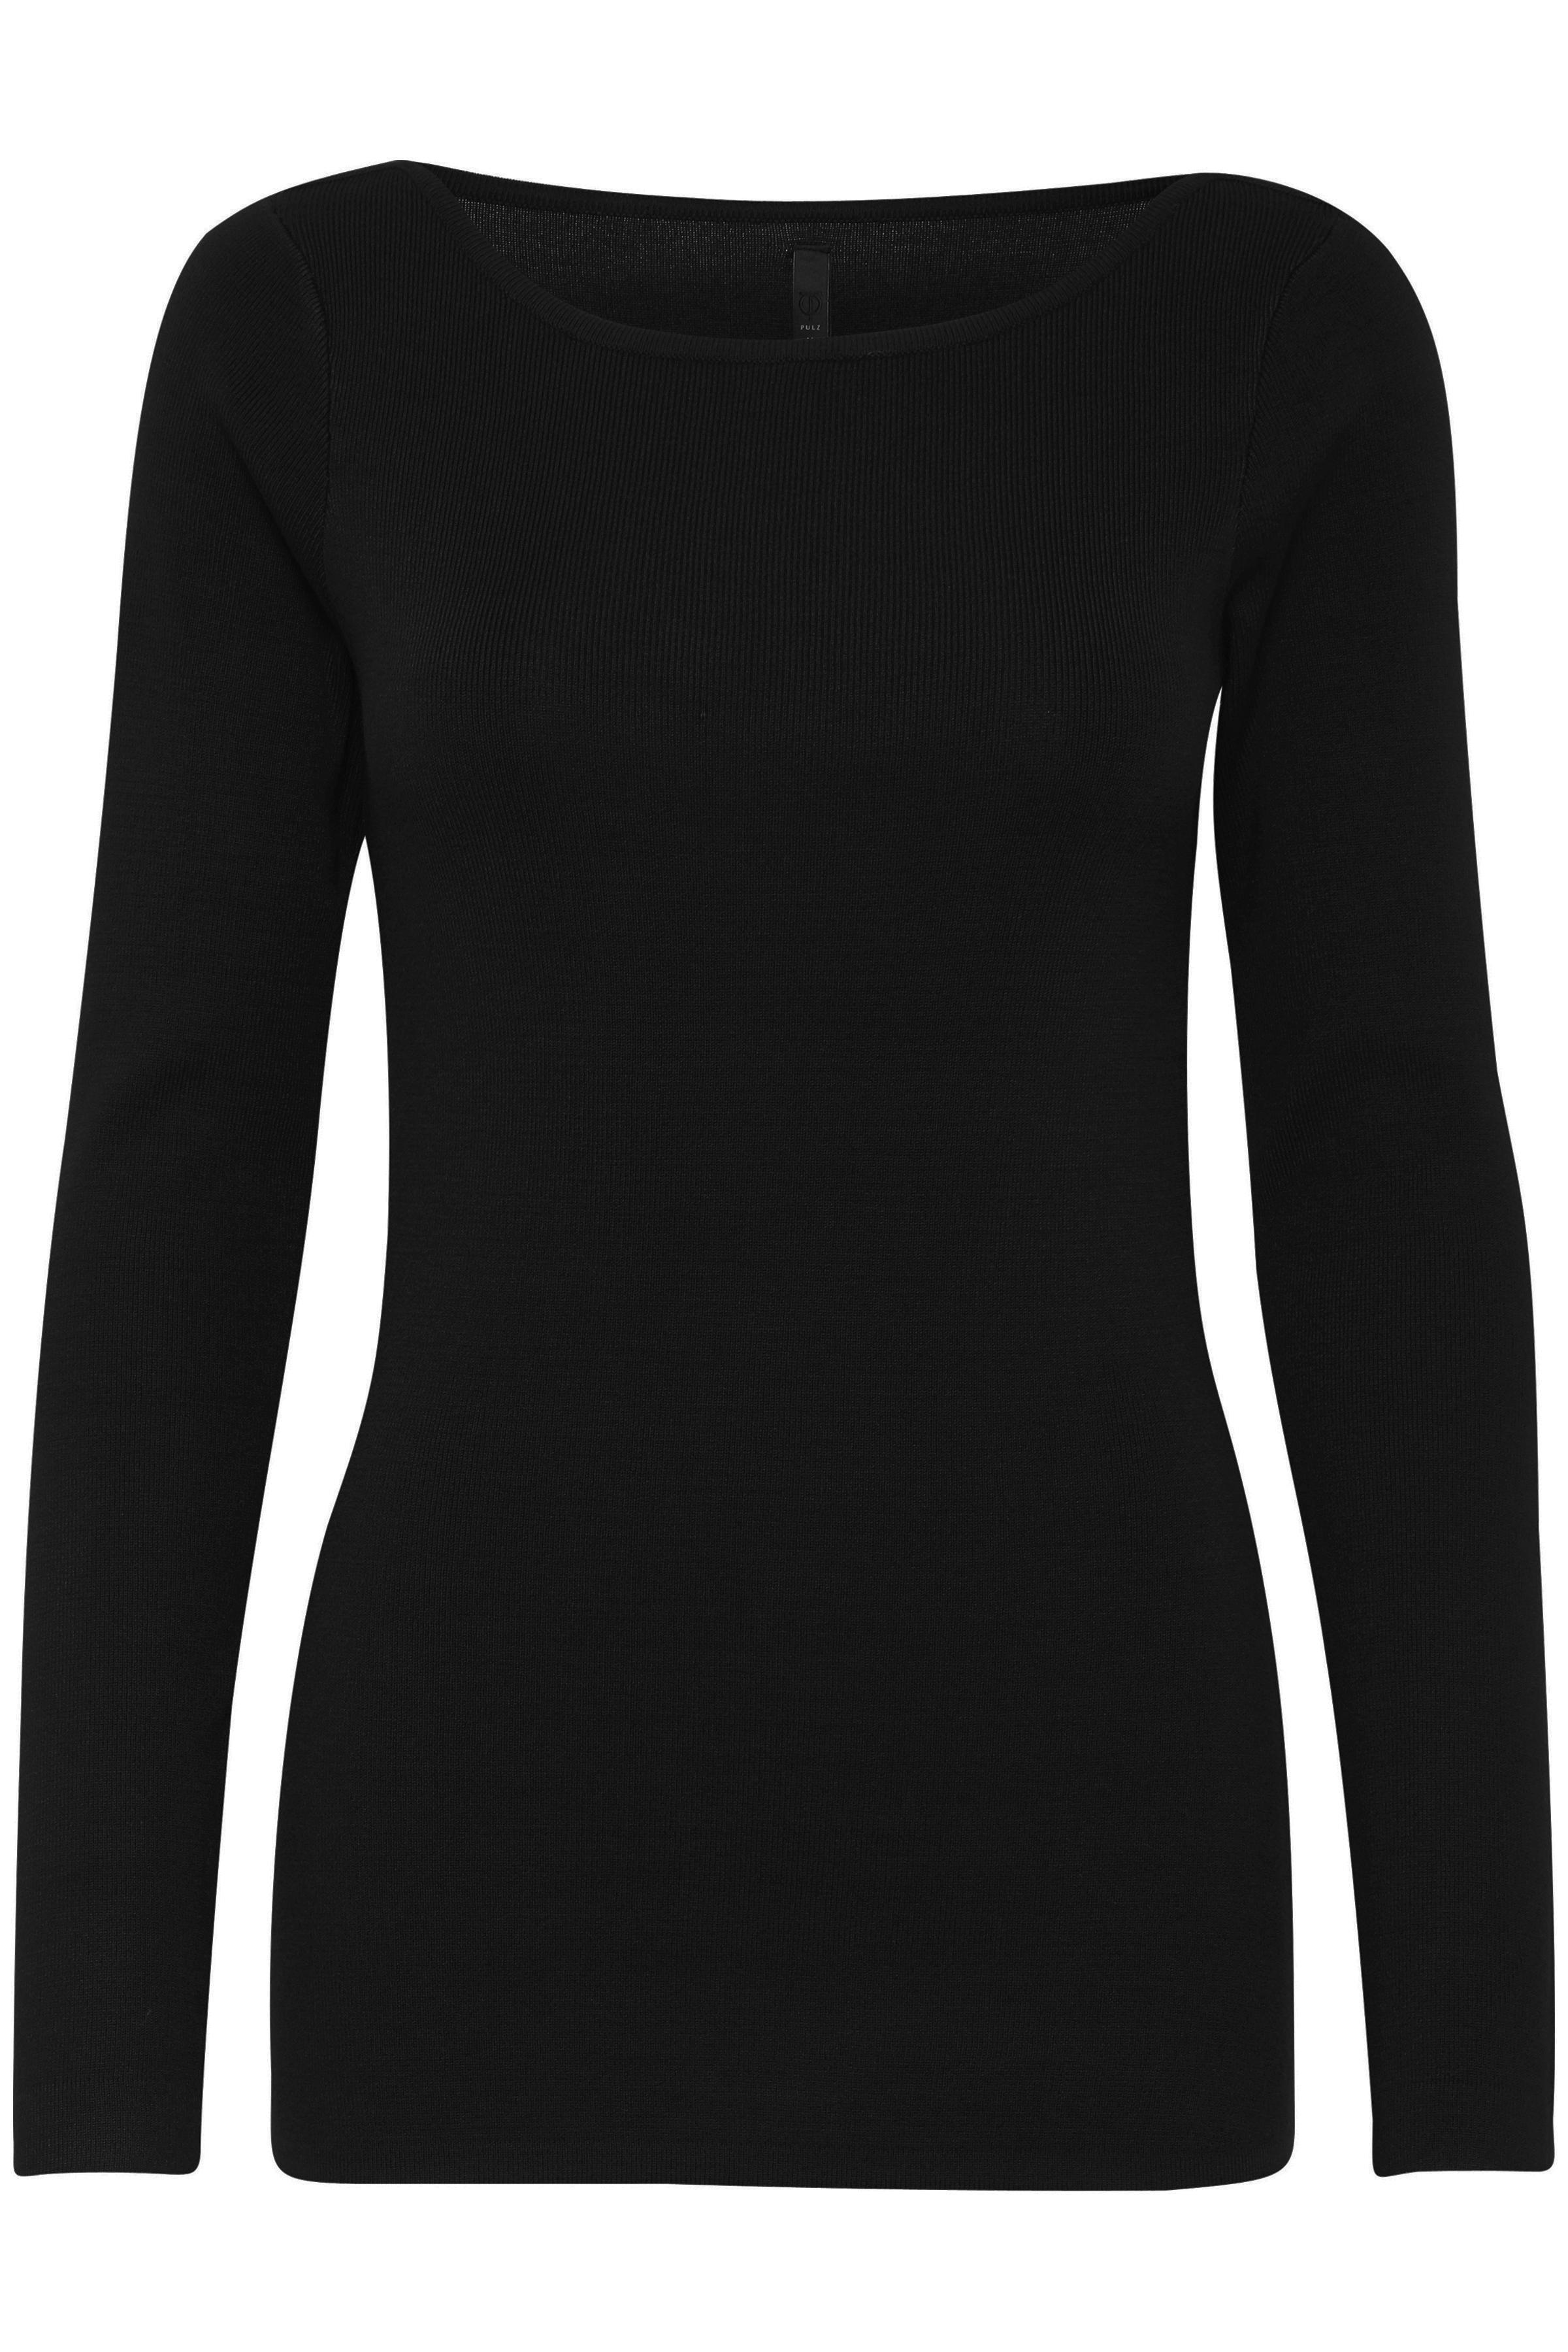 Pulz Jeans Dame Gebreide pullover - Zwart